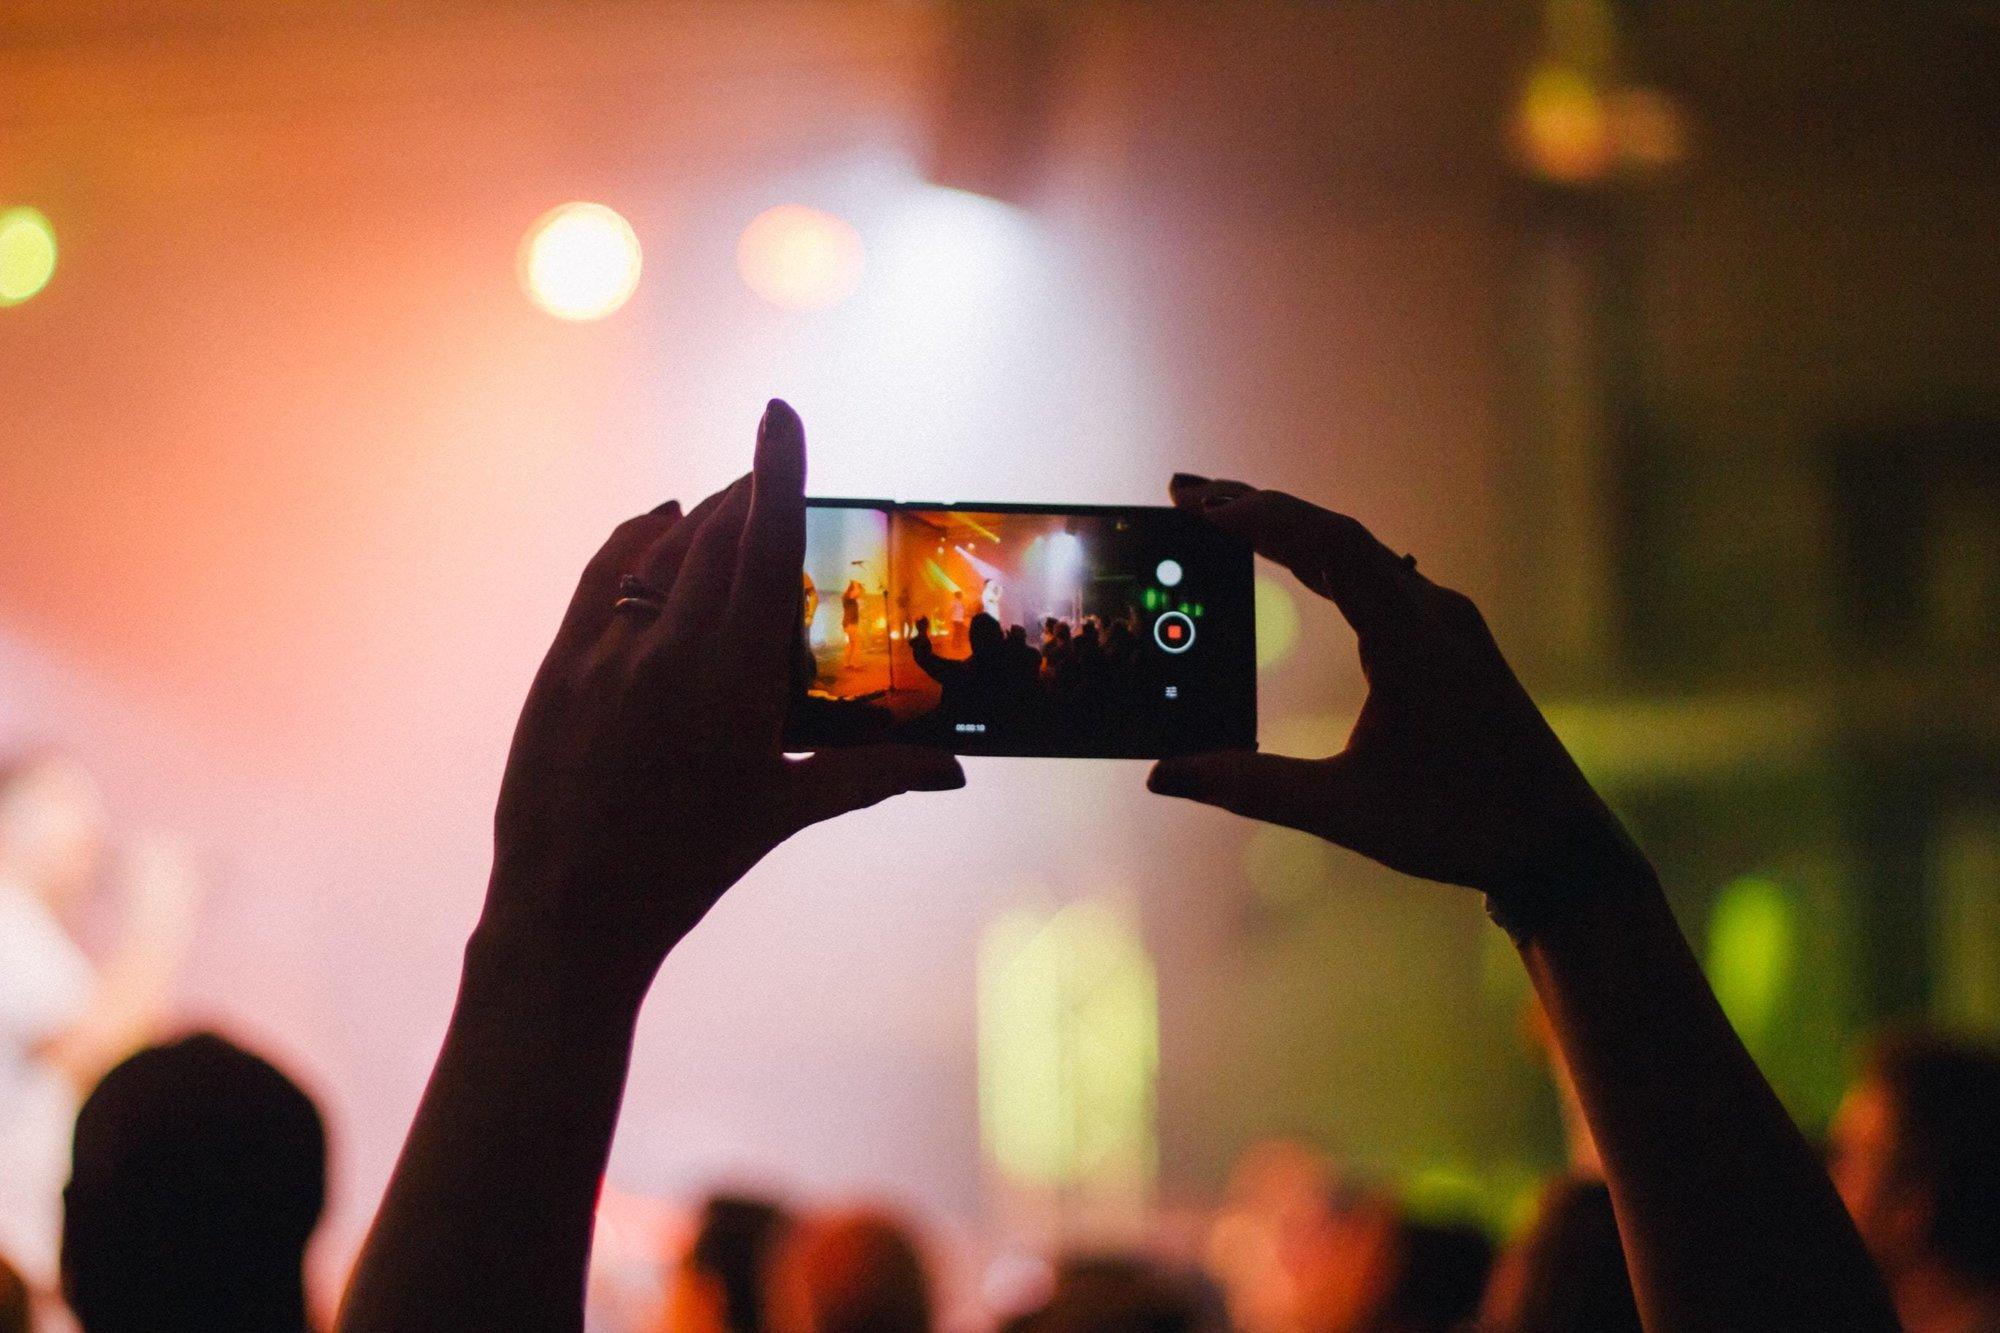 Концерты, лекции и вечеринки: 7 онлайн-ивентов марта (ОБНОВЛЯЕТСЯ)